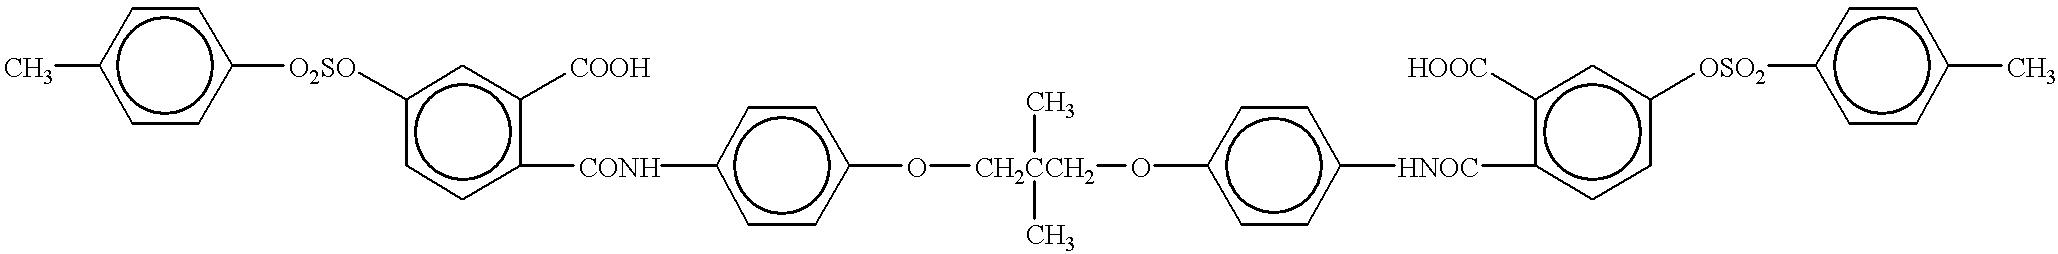 Figure US06180560-20010130-C00545